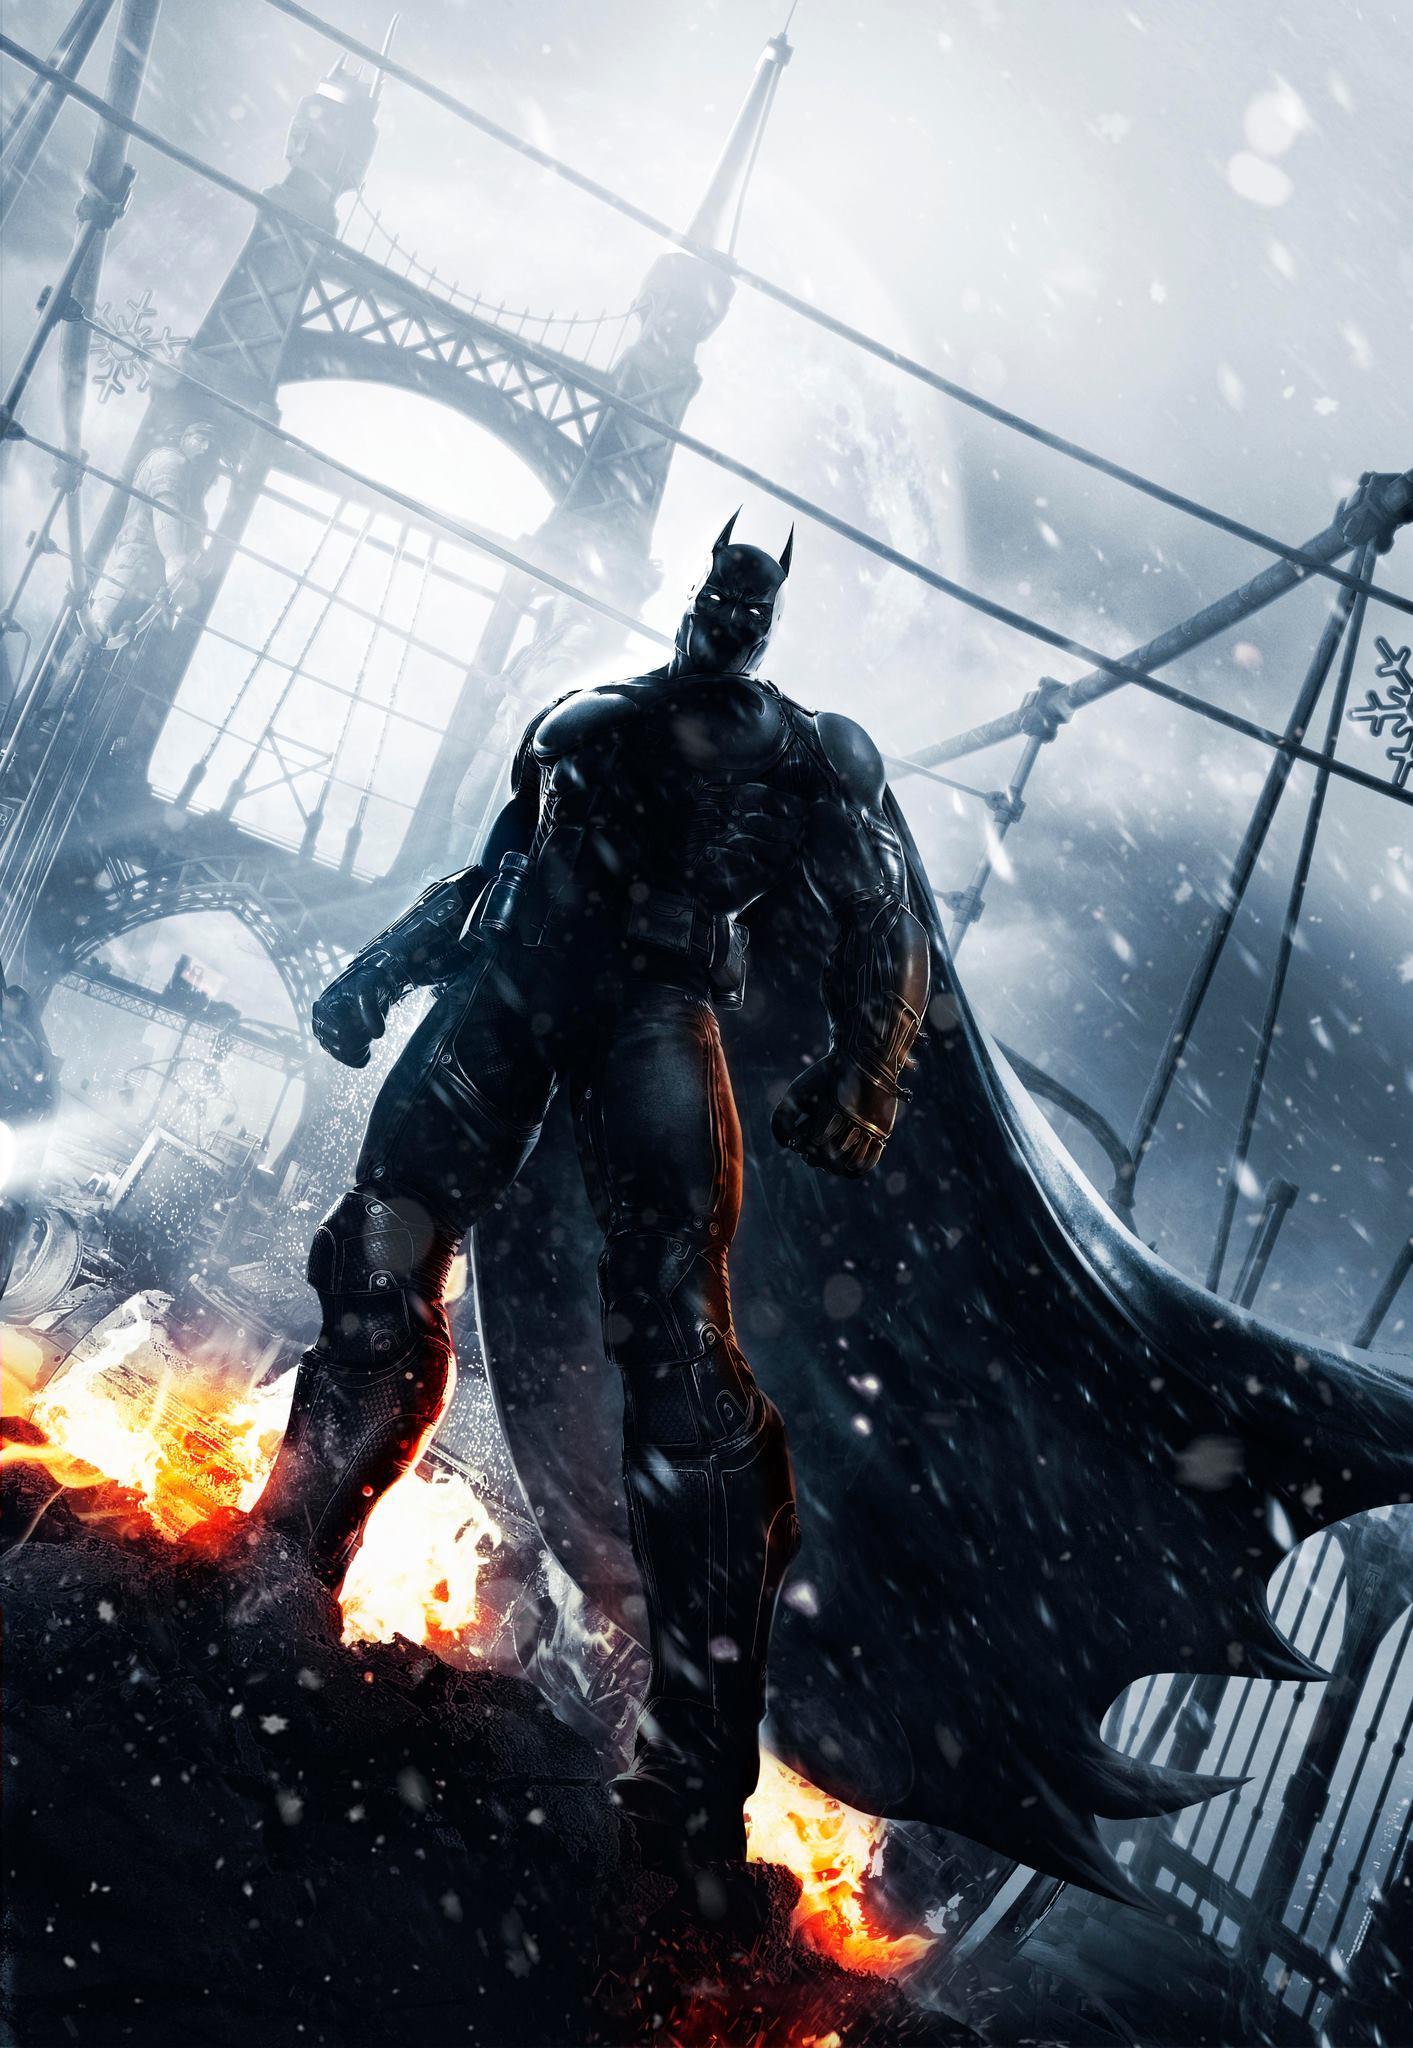 Batman as seen in the